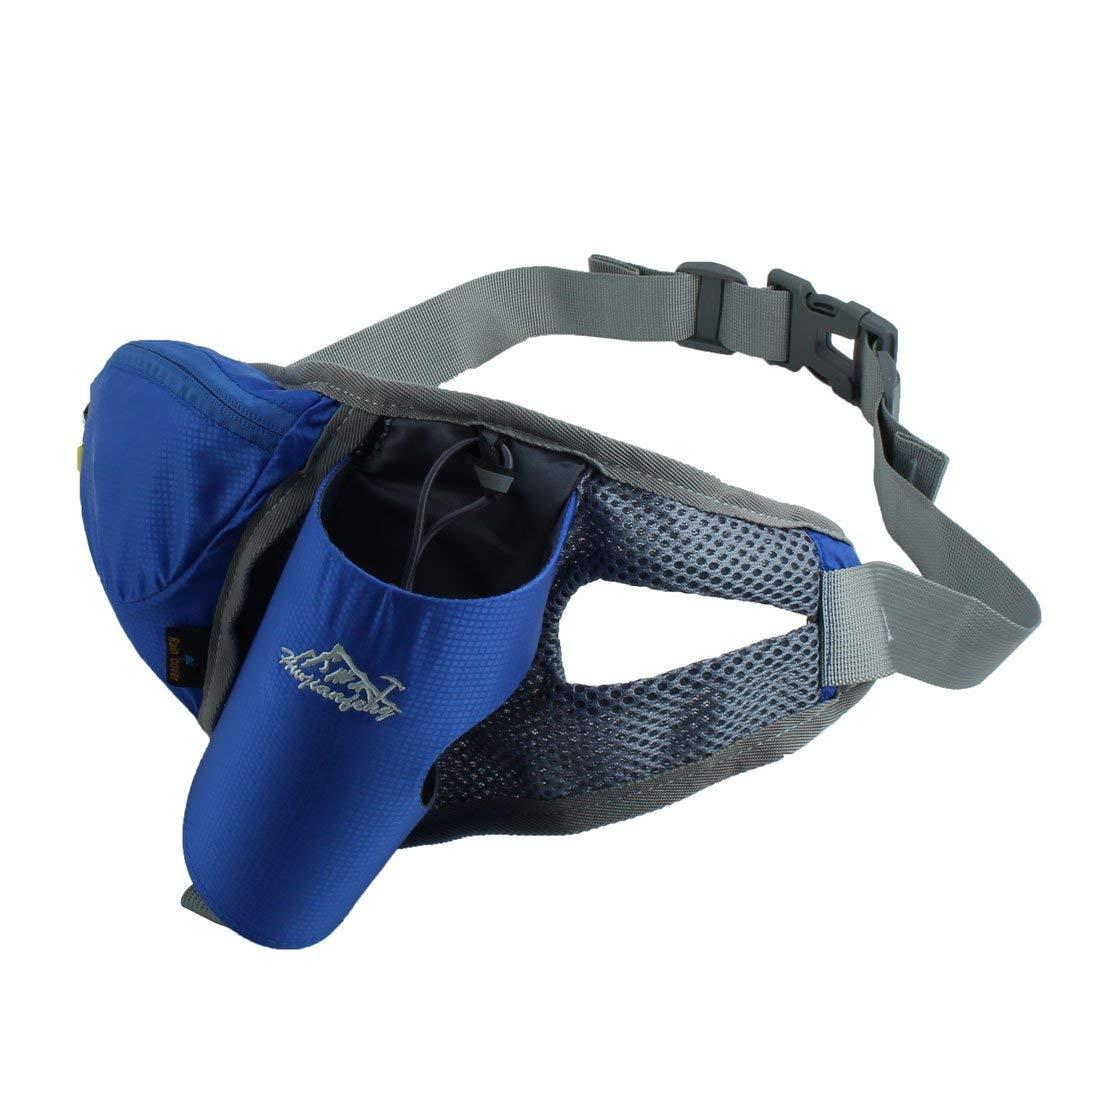 Shoresu Unisex Sports Running Cycling Jogging Waterproof Waist Belt Pack Bag Pouch Black